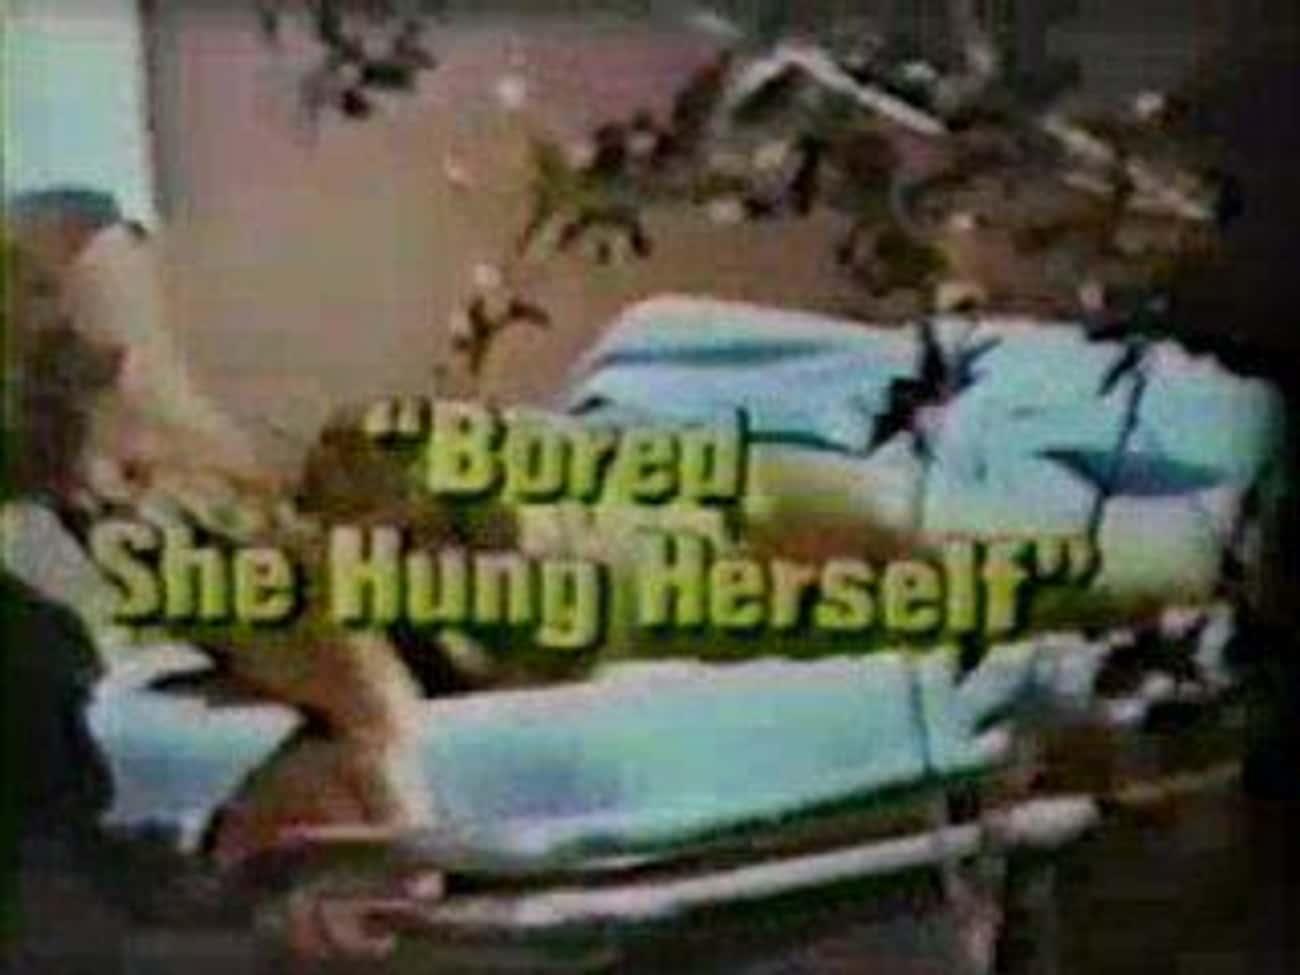 1970: Hawaii Five-O, 'Bored, She Hung Herself'